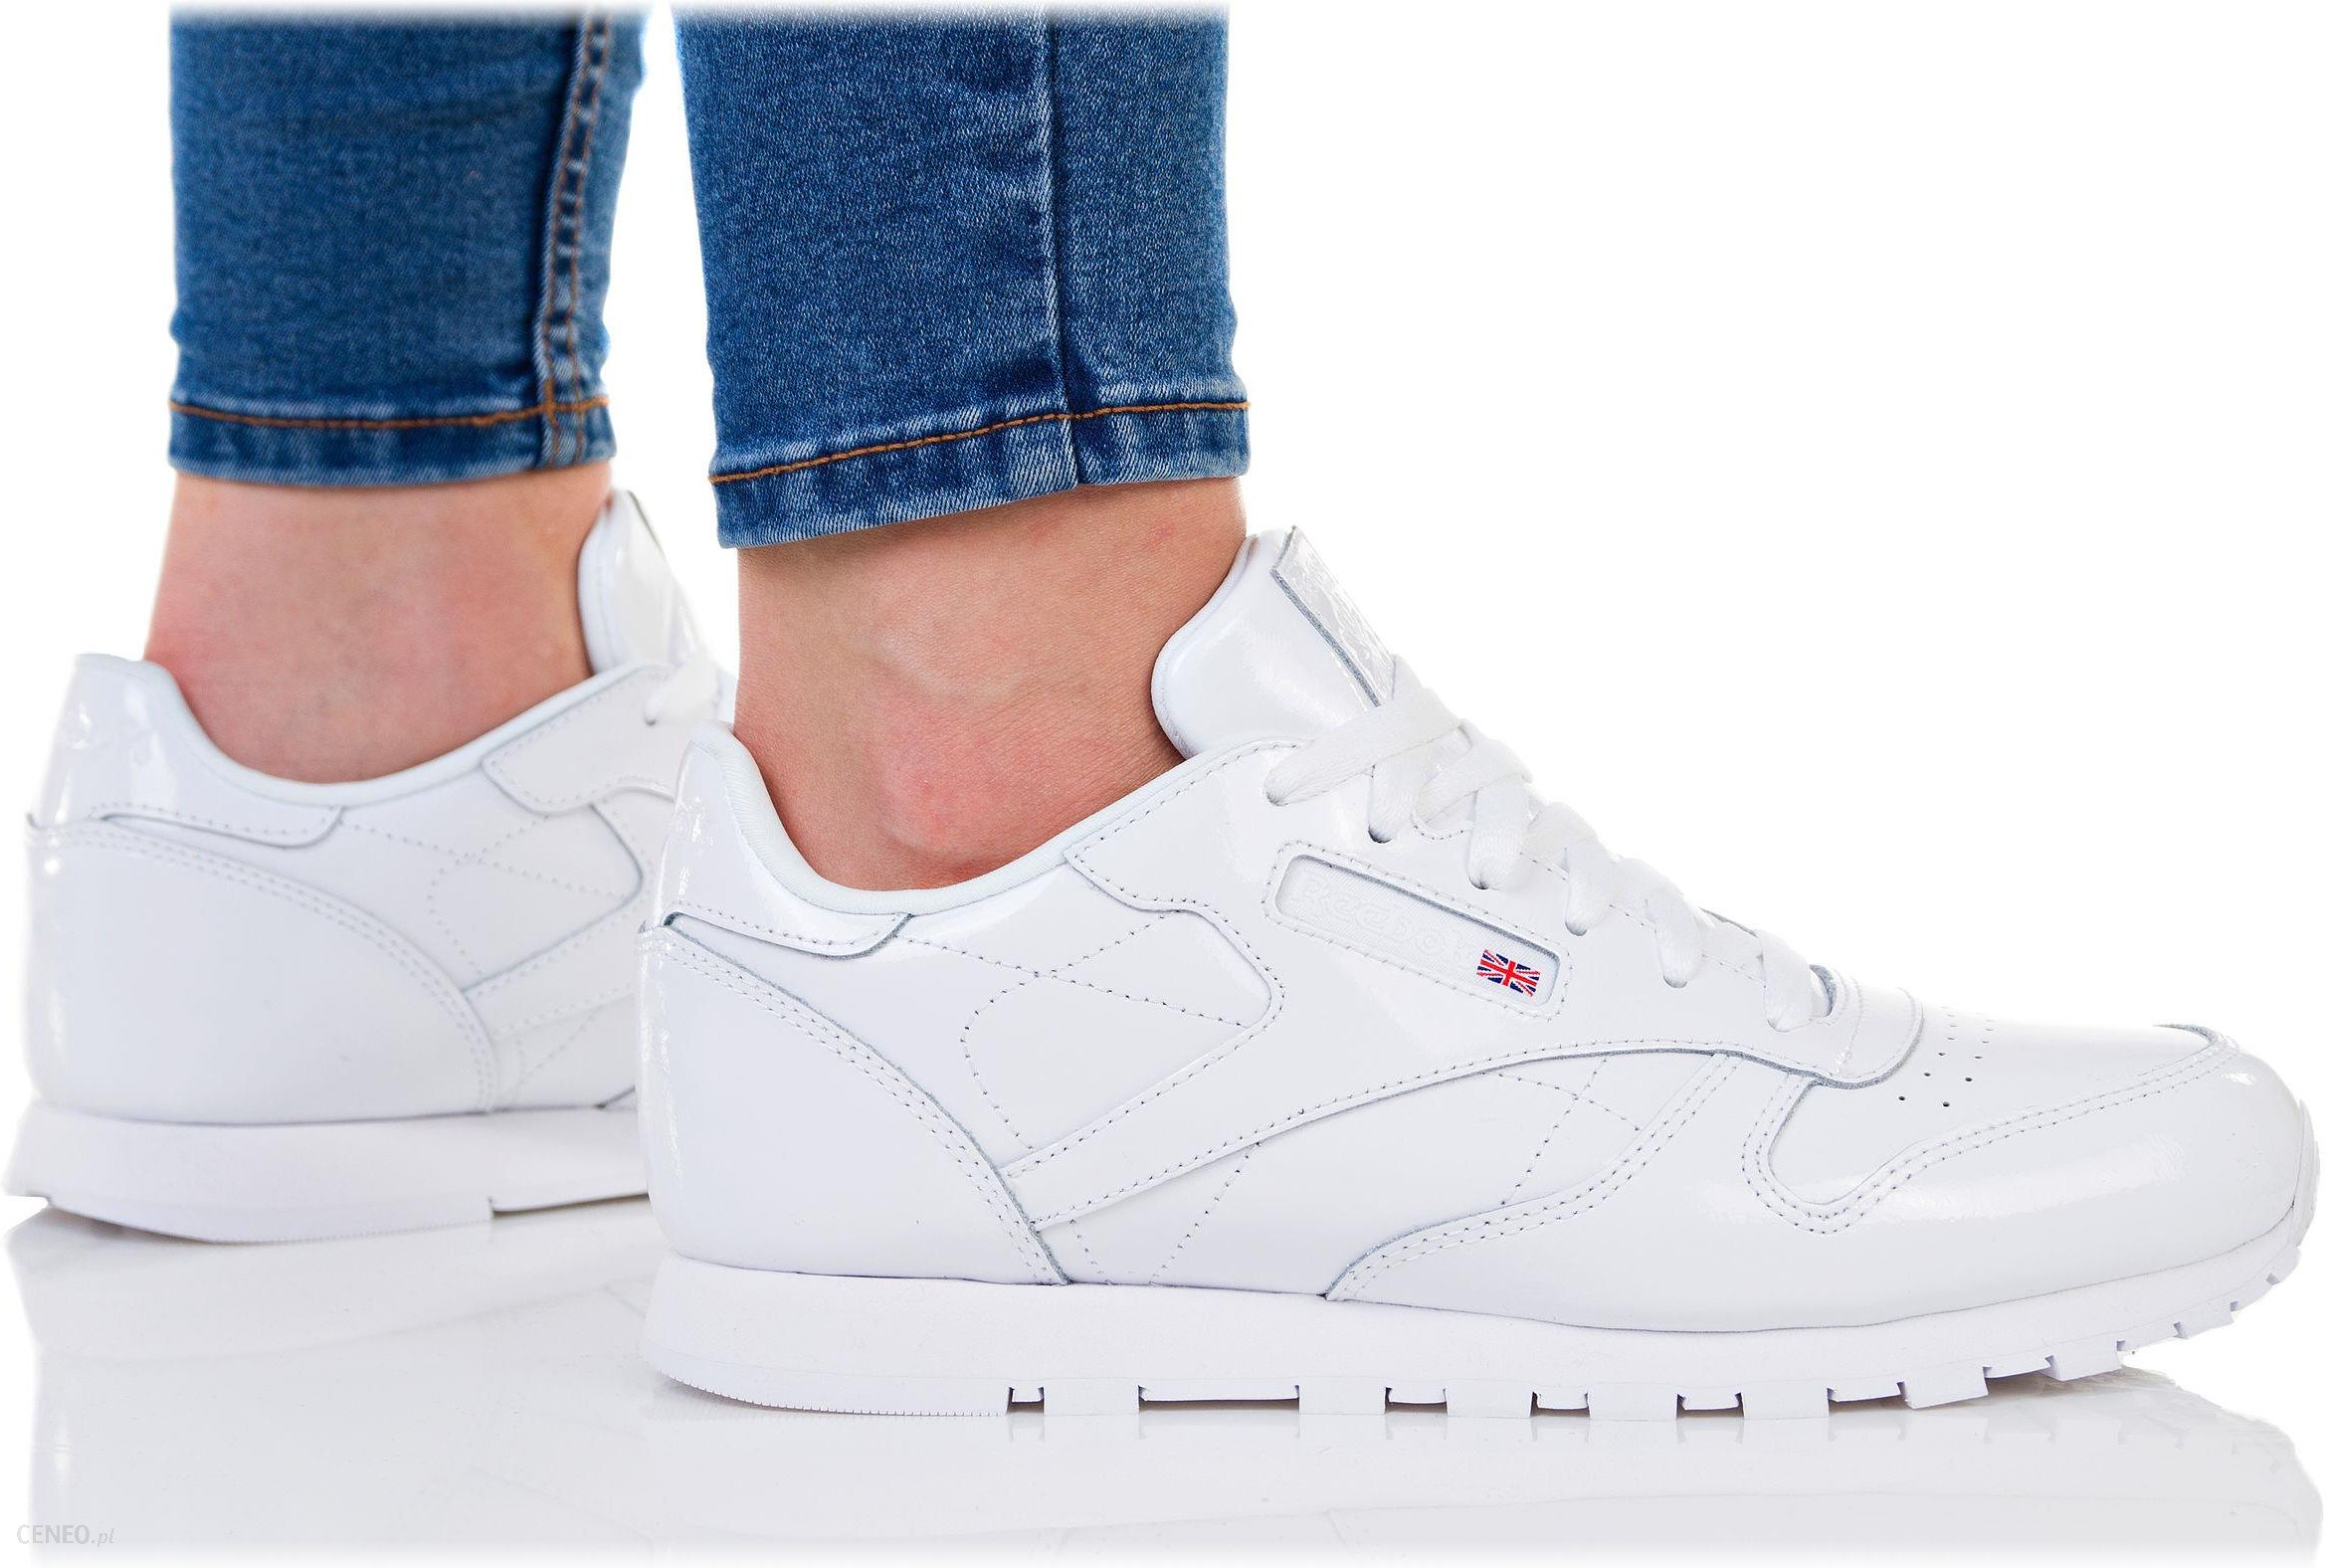 Buty Classic Reebok Classic Nylon Sklep,Reebok Chłopięce Białe